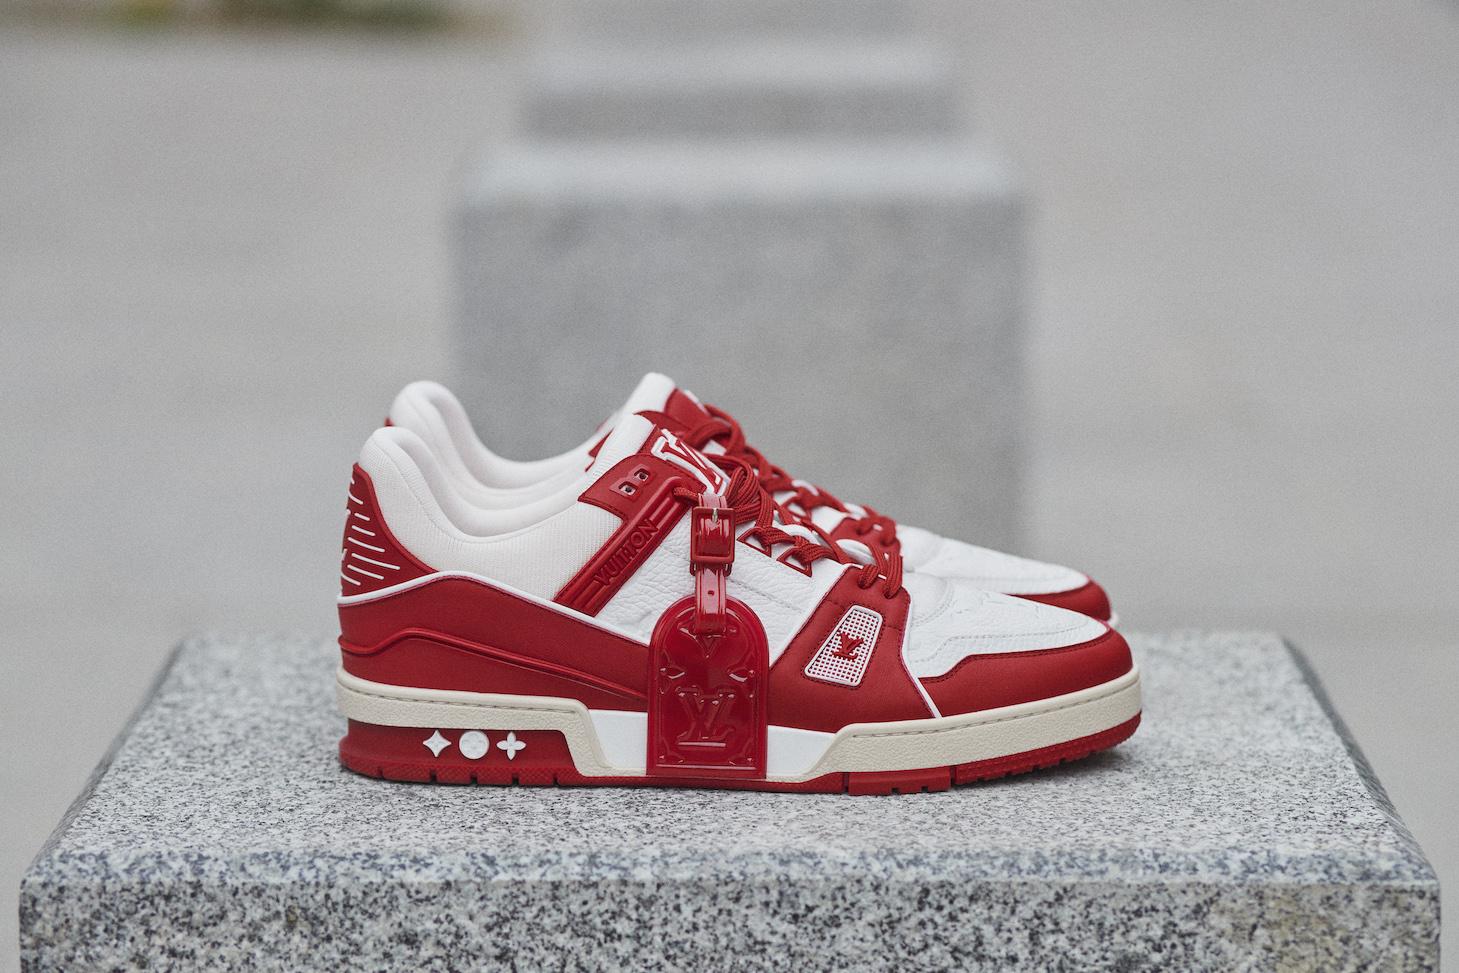 Louis Vuittonアイコンシューズの限定カラー発売「RED」エイズ啓発で